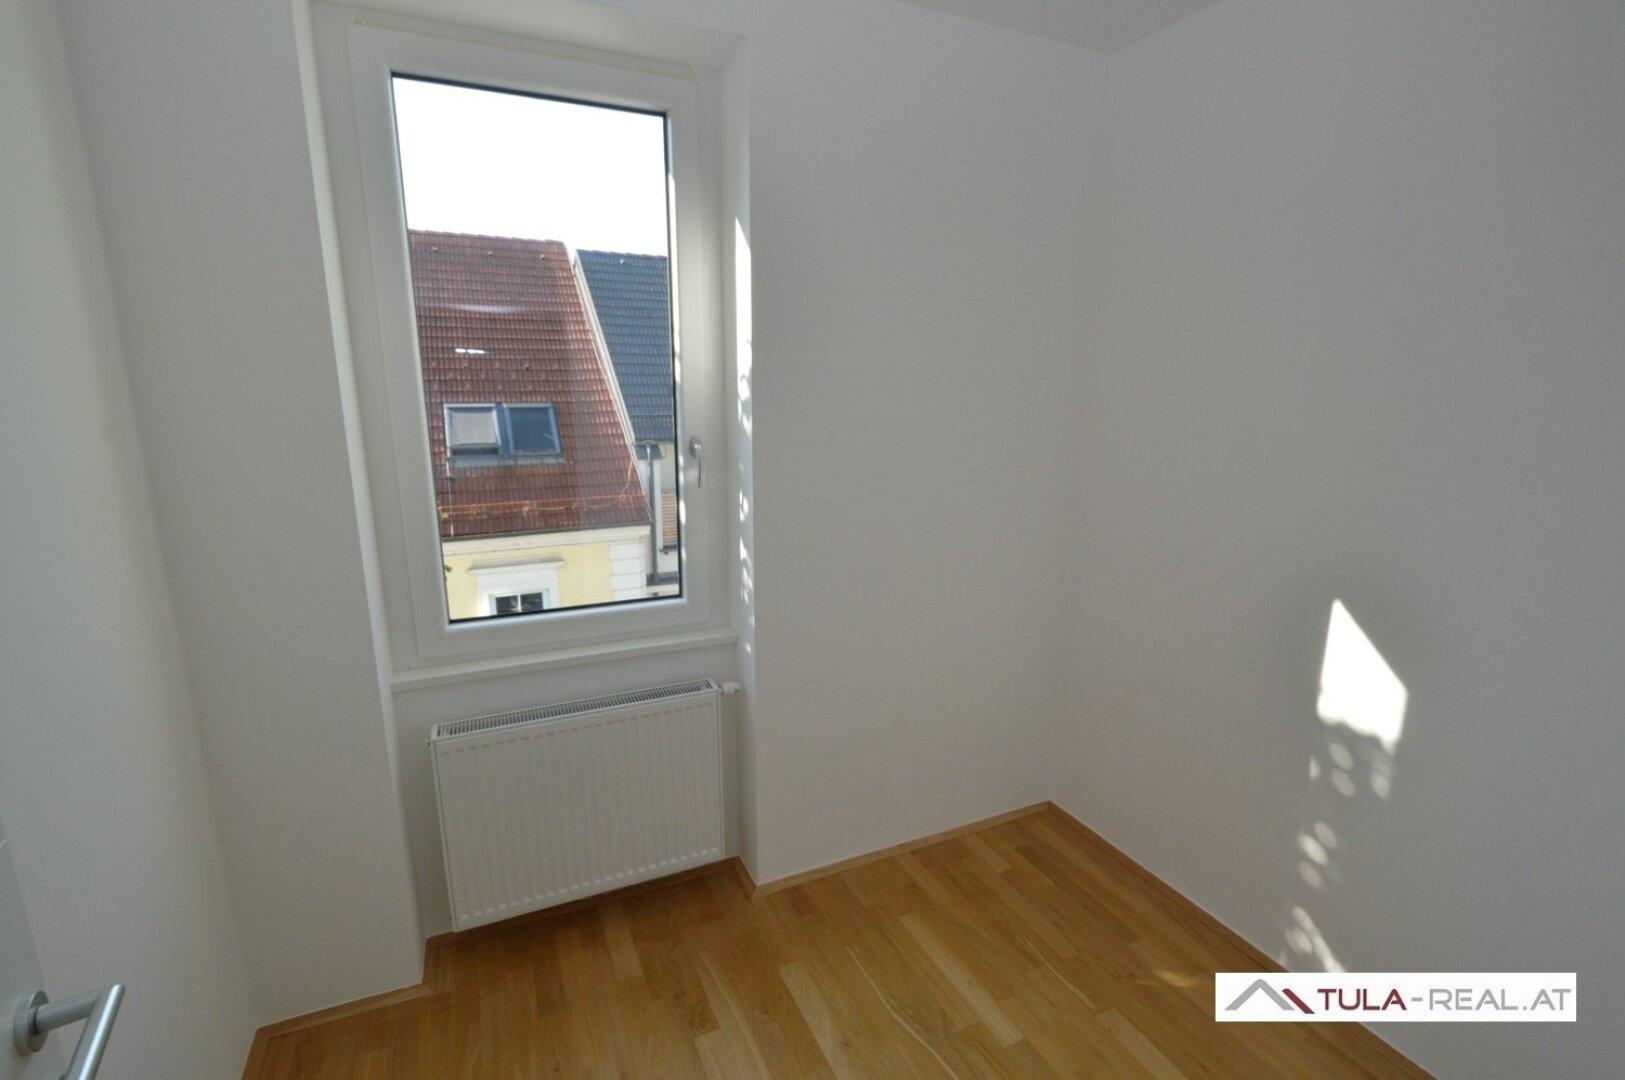 Abstellraum mit Fenster (optionaler Zusatz-Büroraum)